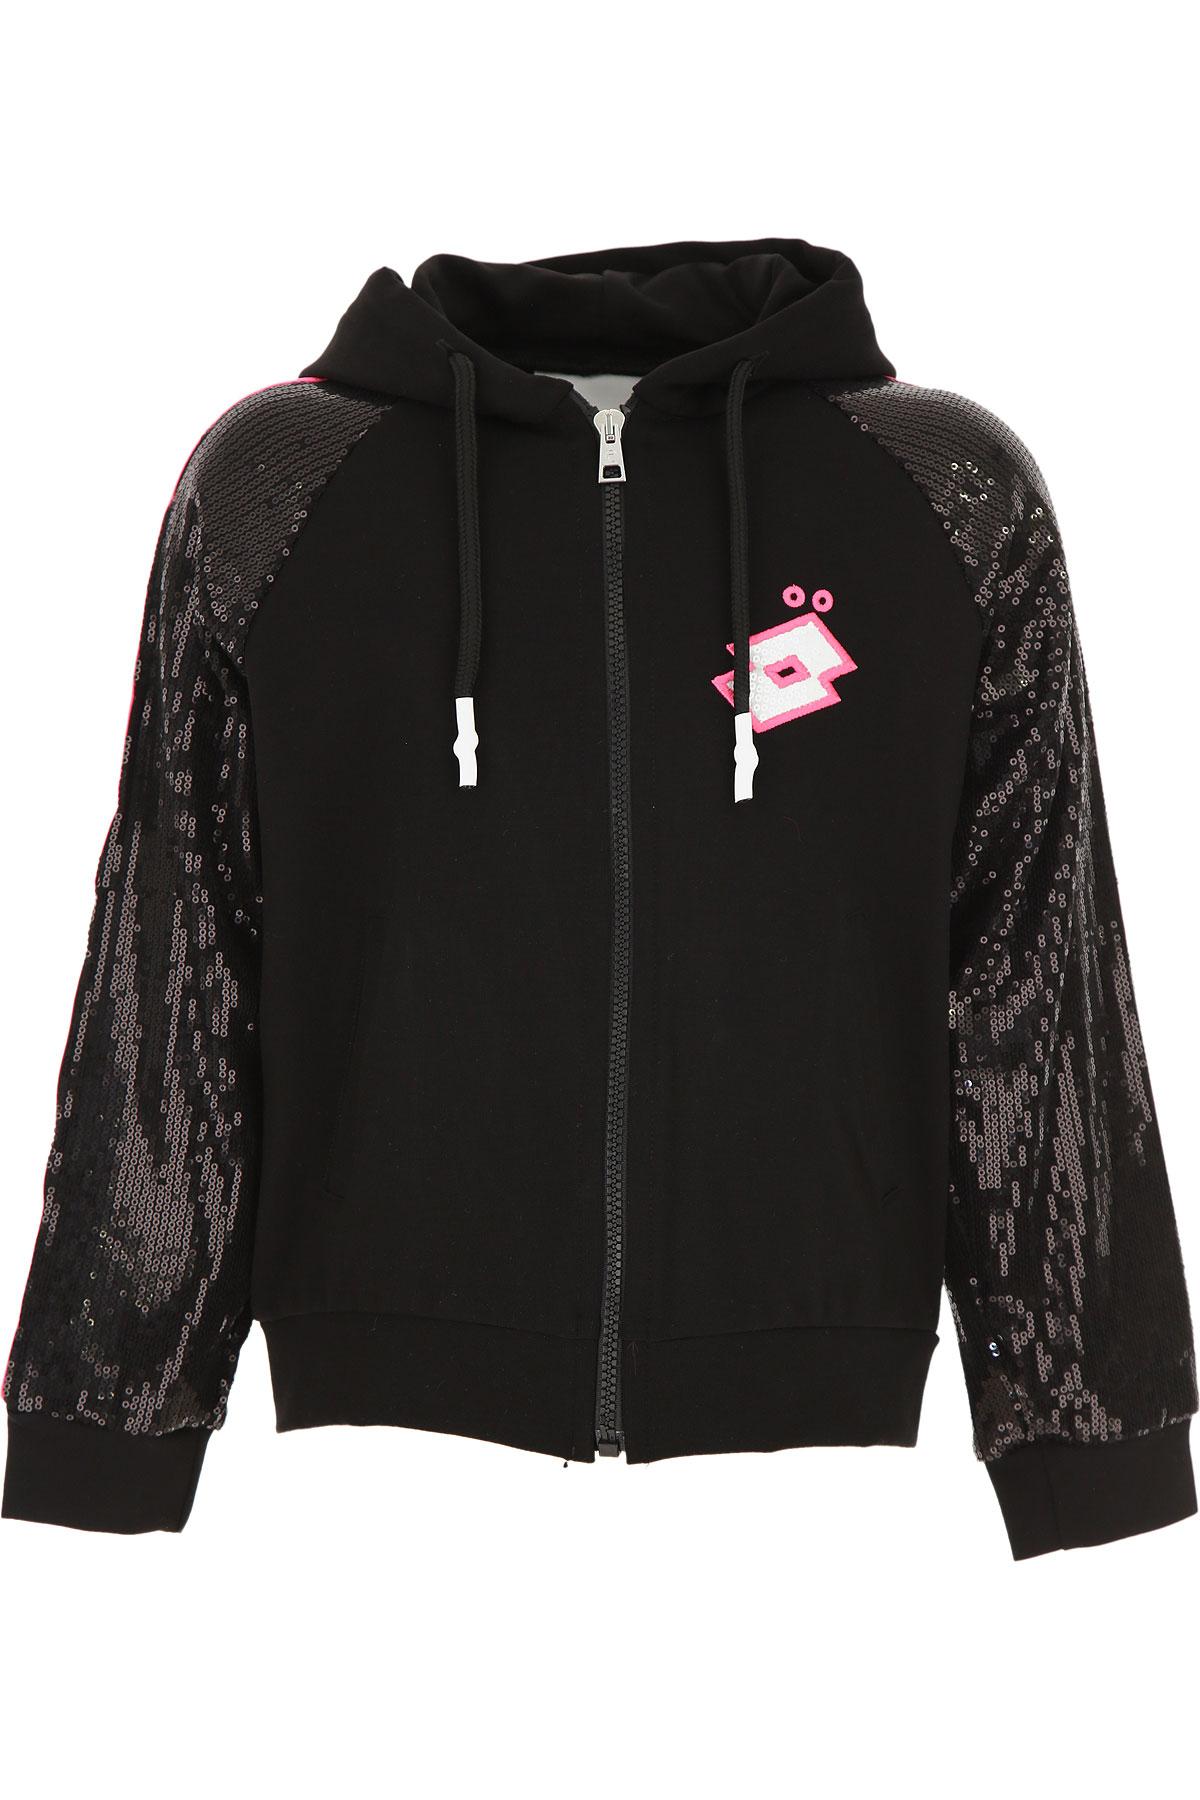 Gaelle Kids Sweatshirts & Hoodies for Girls On Sale, Black, Rayon, 2019, 14Y 4Y